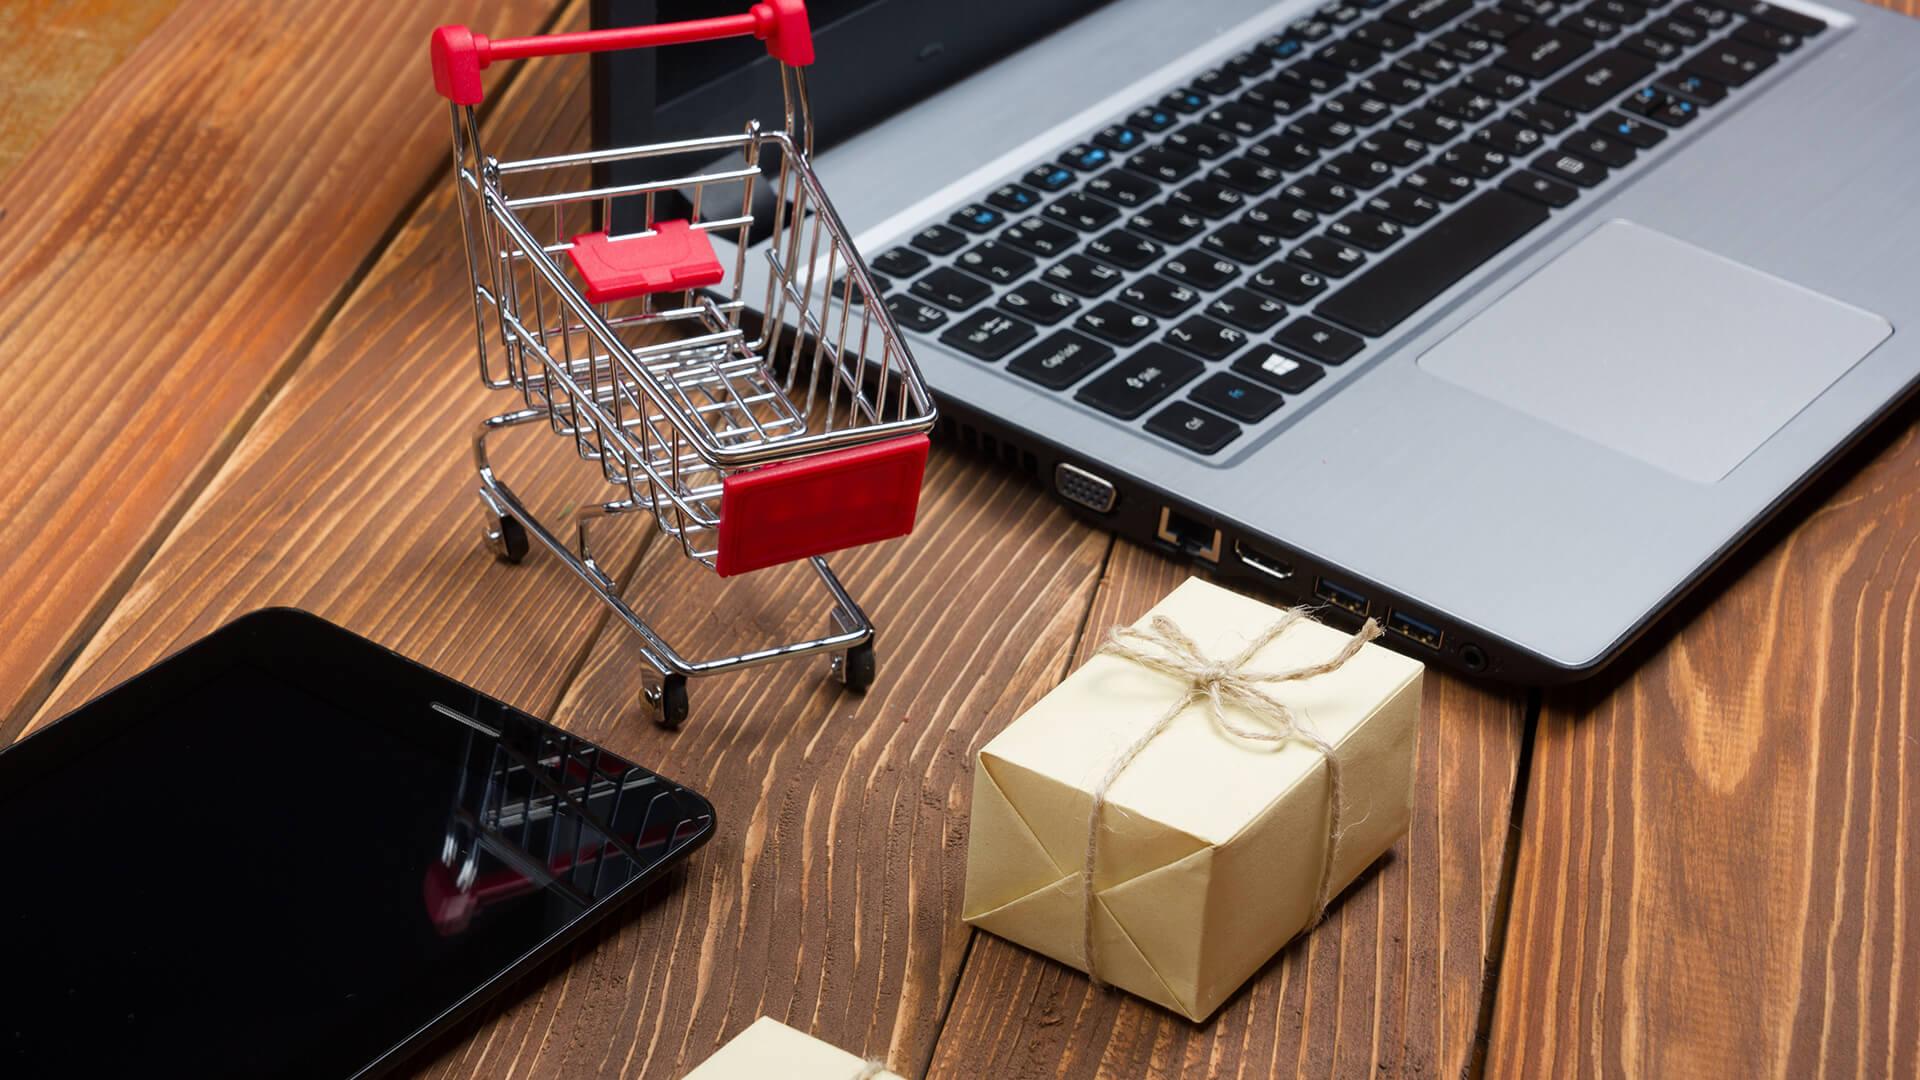 Khởi nghiệp bán hàng online